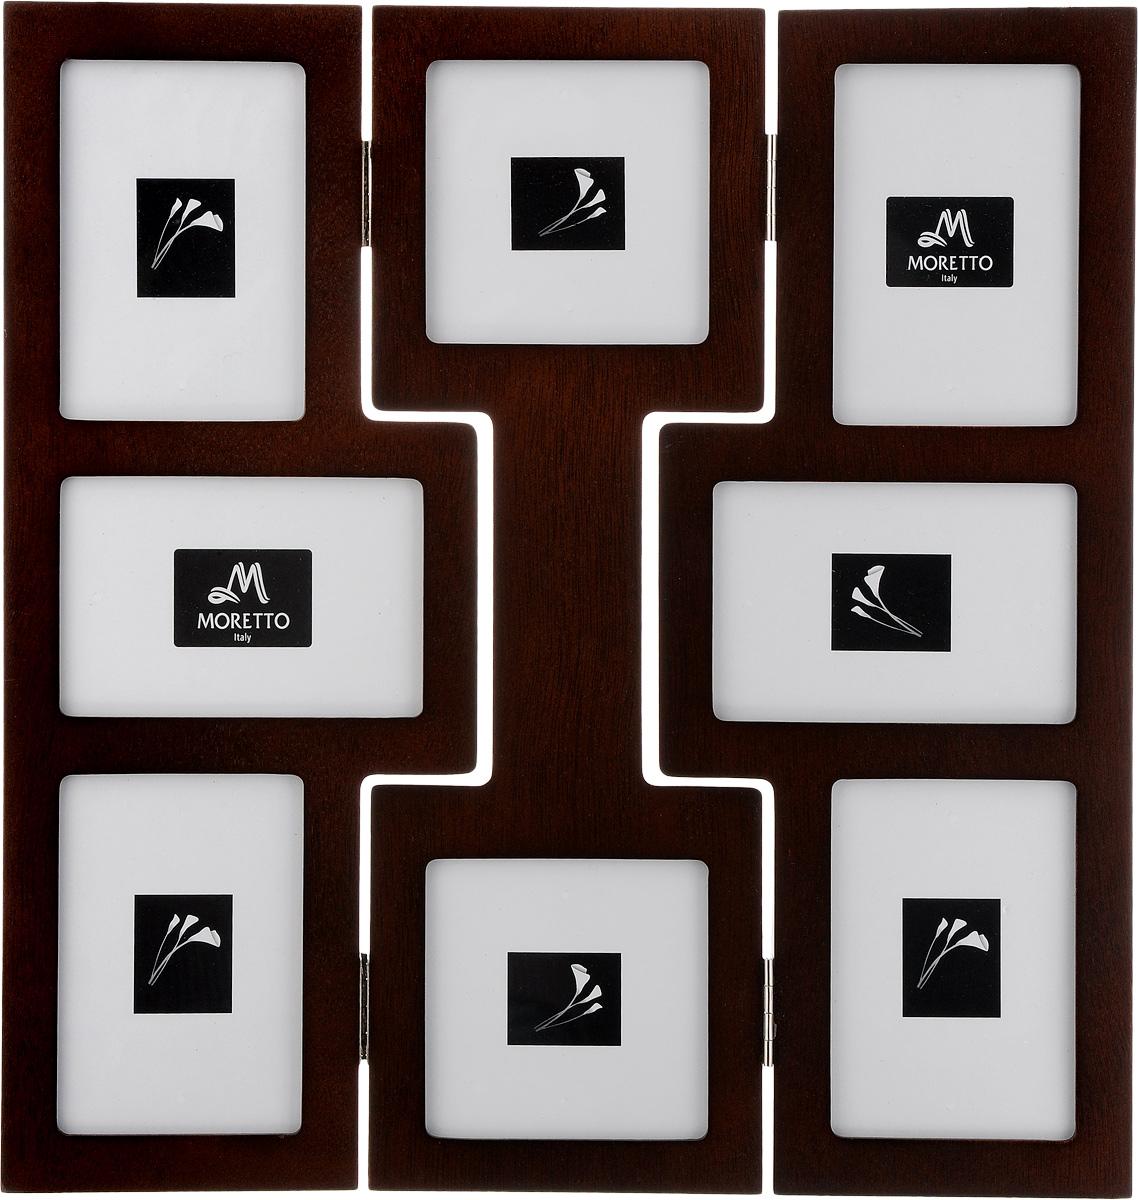 Фоторамка Moretto, на 8 фото. 23801189447Фоторамка Moretto - прекрасный способ красиво оформить ваши фотографии. Фоторамка выполнена из дерева и защищена стеклом, предназначена для восьми фотографий. Фоторамка-коллаж представляет собой восемь фоторамок для фото разных размеров оригинально соединенных между собой. Такая фоторамка поможет сохранить в памяти самые яркие моменты вашей жизни, а стильный дизайн сделает ее прекрасным дополнением интерьера комнаты.Размеры фоторамок:- 4 фоторамки 11,5 х 14,5 см для фото 9х 13 см,- 2 фоторамки 13 х 13 см для фото 10 х 10 см, - 2 фоторамки 10 х 15,5 см для фото 9 х 13 см,Общий размер фоторамки: 37 х 38 см